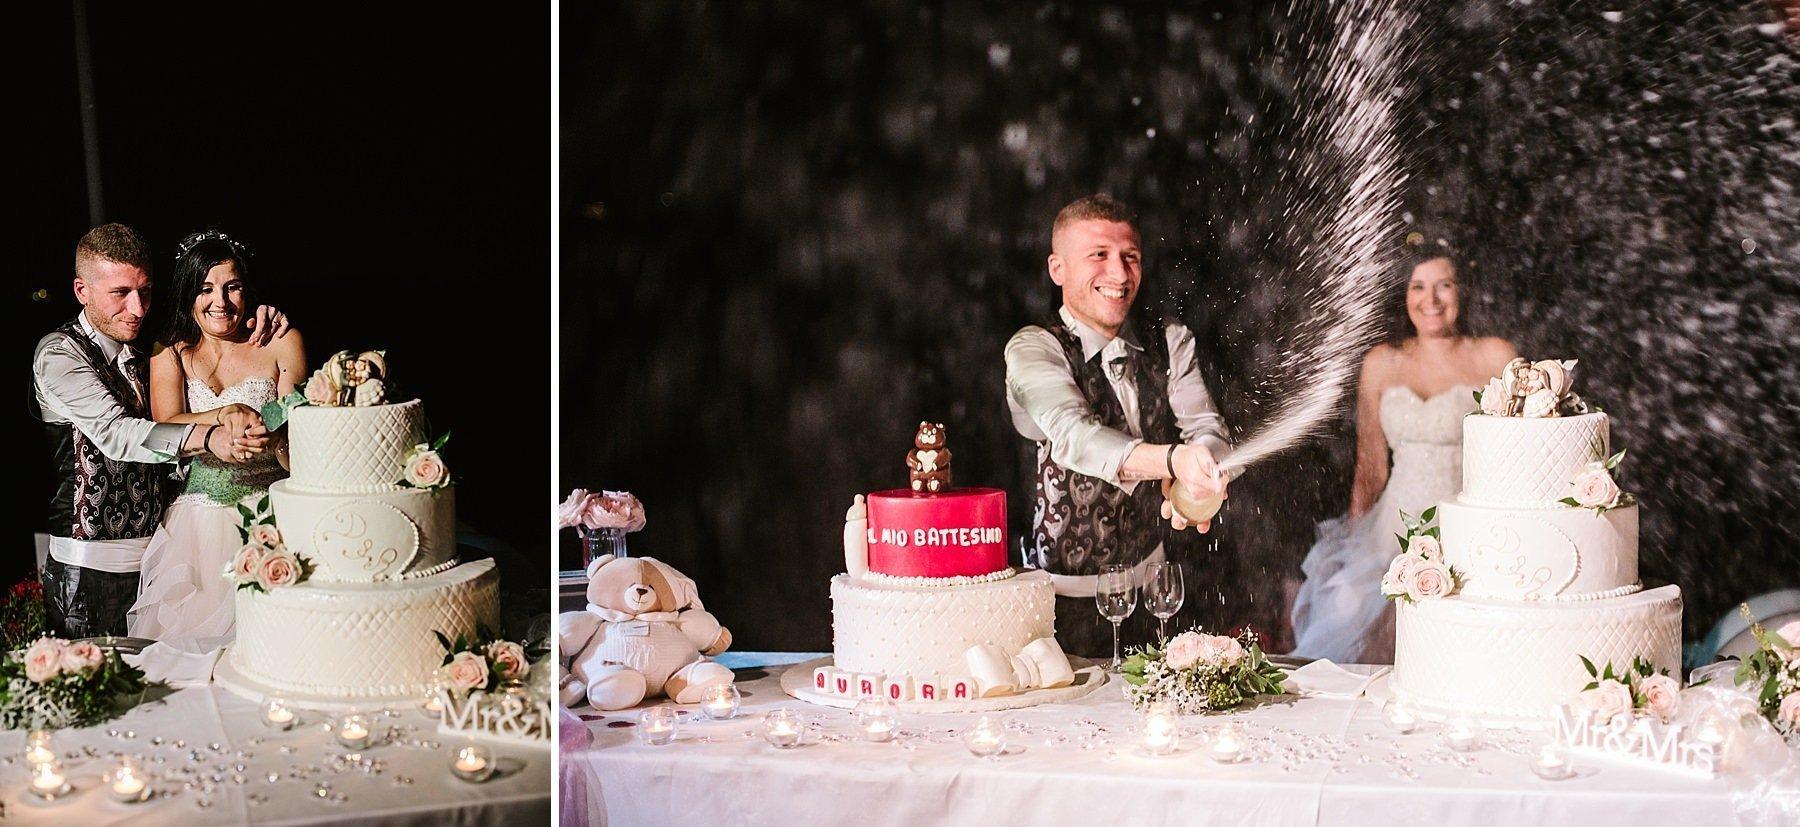 sposi che tagliano la torta e festeggiano con lo spumante